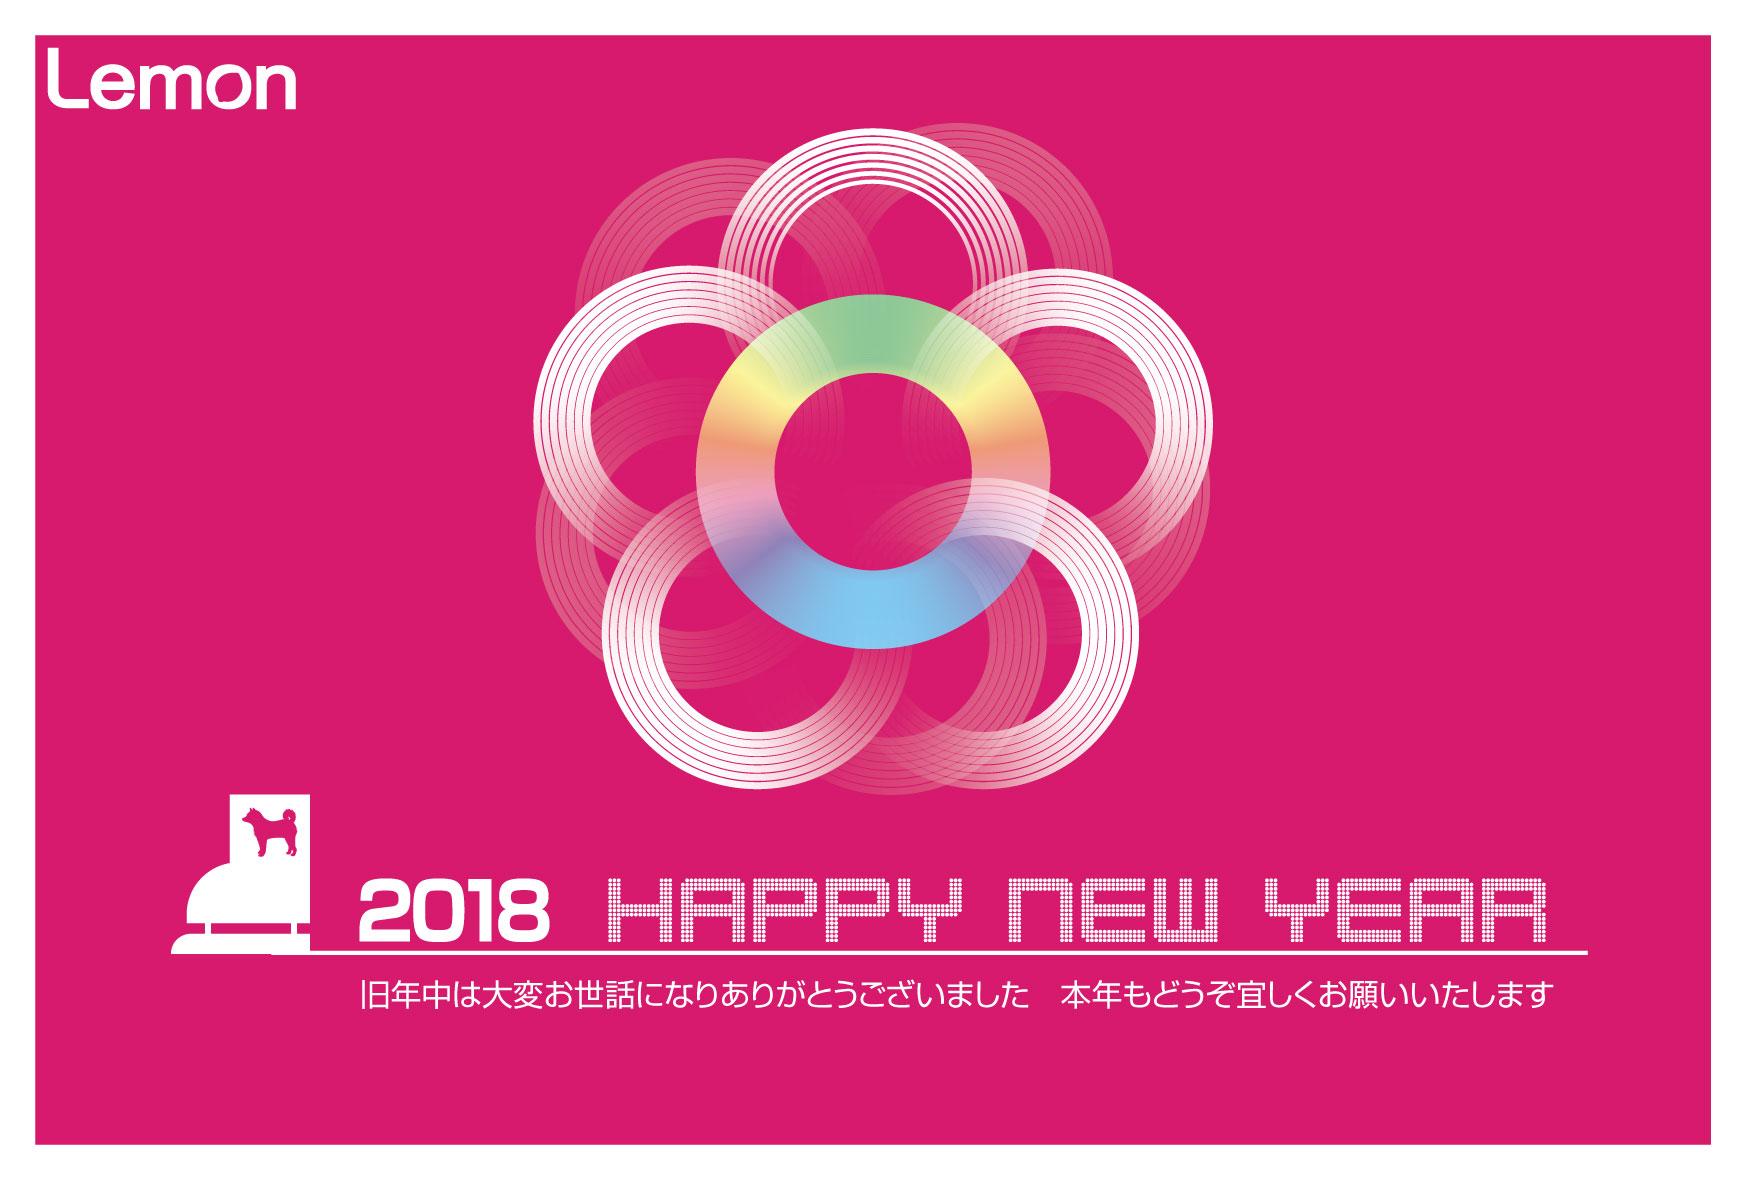 無料 2018年 デザイン年賀状 ハート